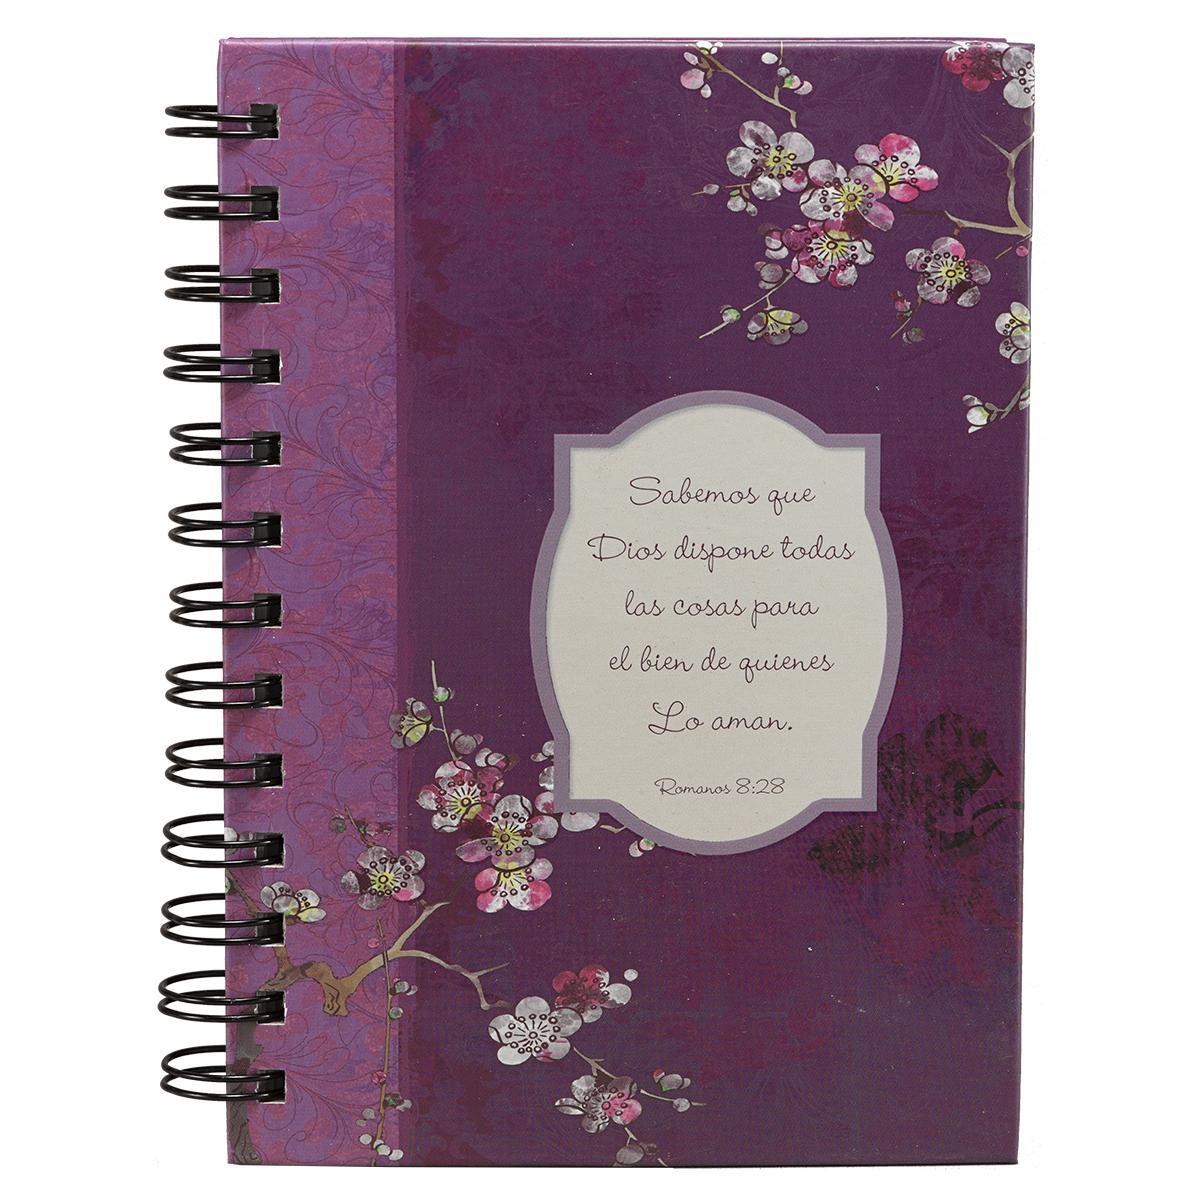 Diario de espiral doble, flores púrpura-